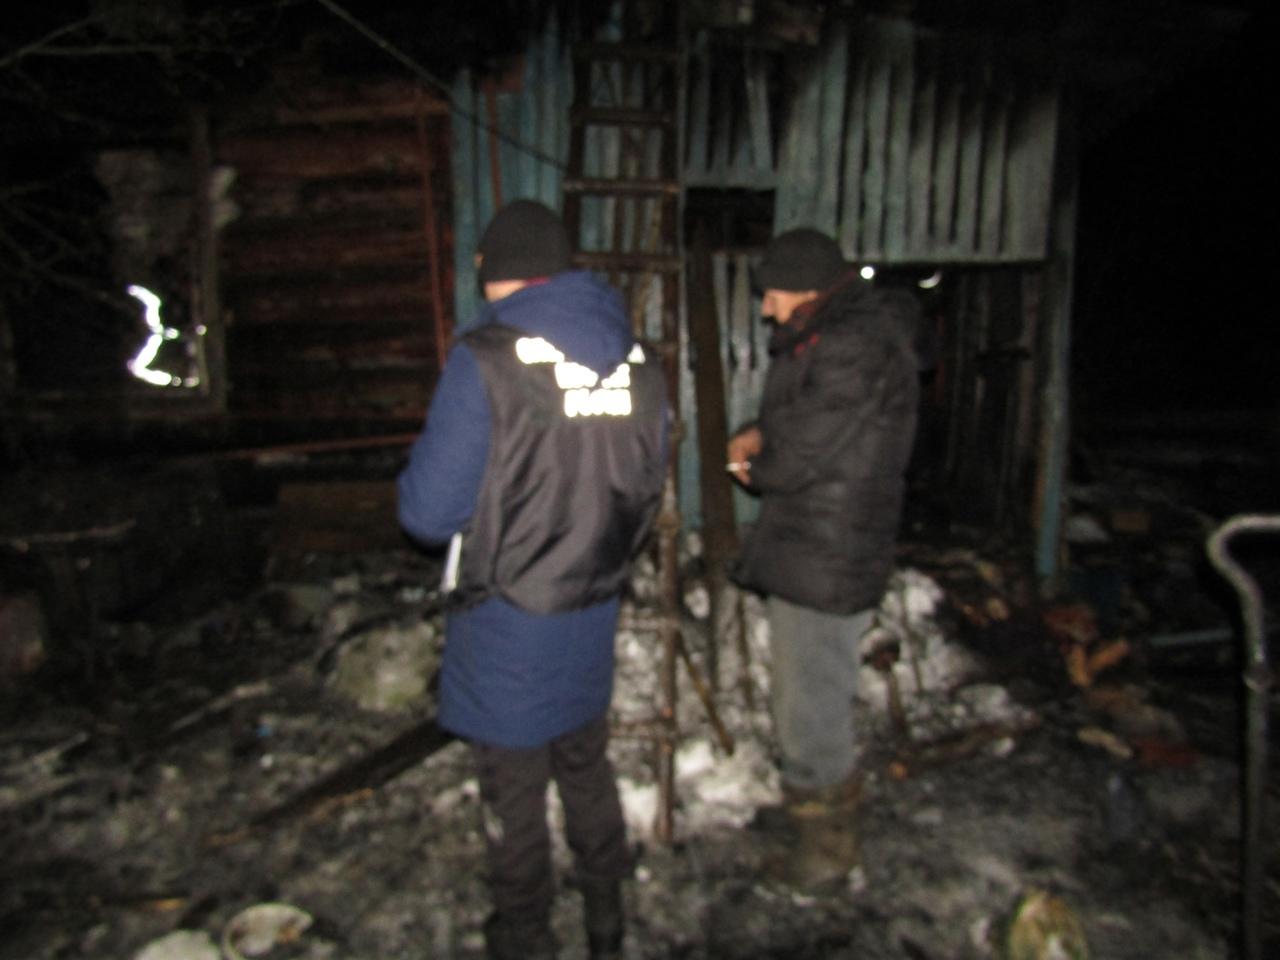 Следователи выясняют обстоятельства гибели на пожаре в Тверской области мужчины и женщины - новости Афанасий